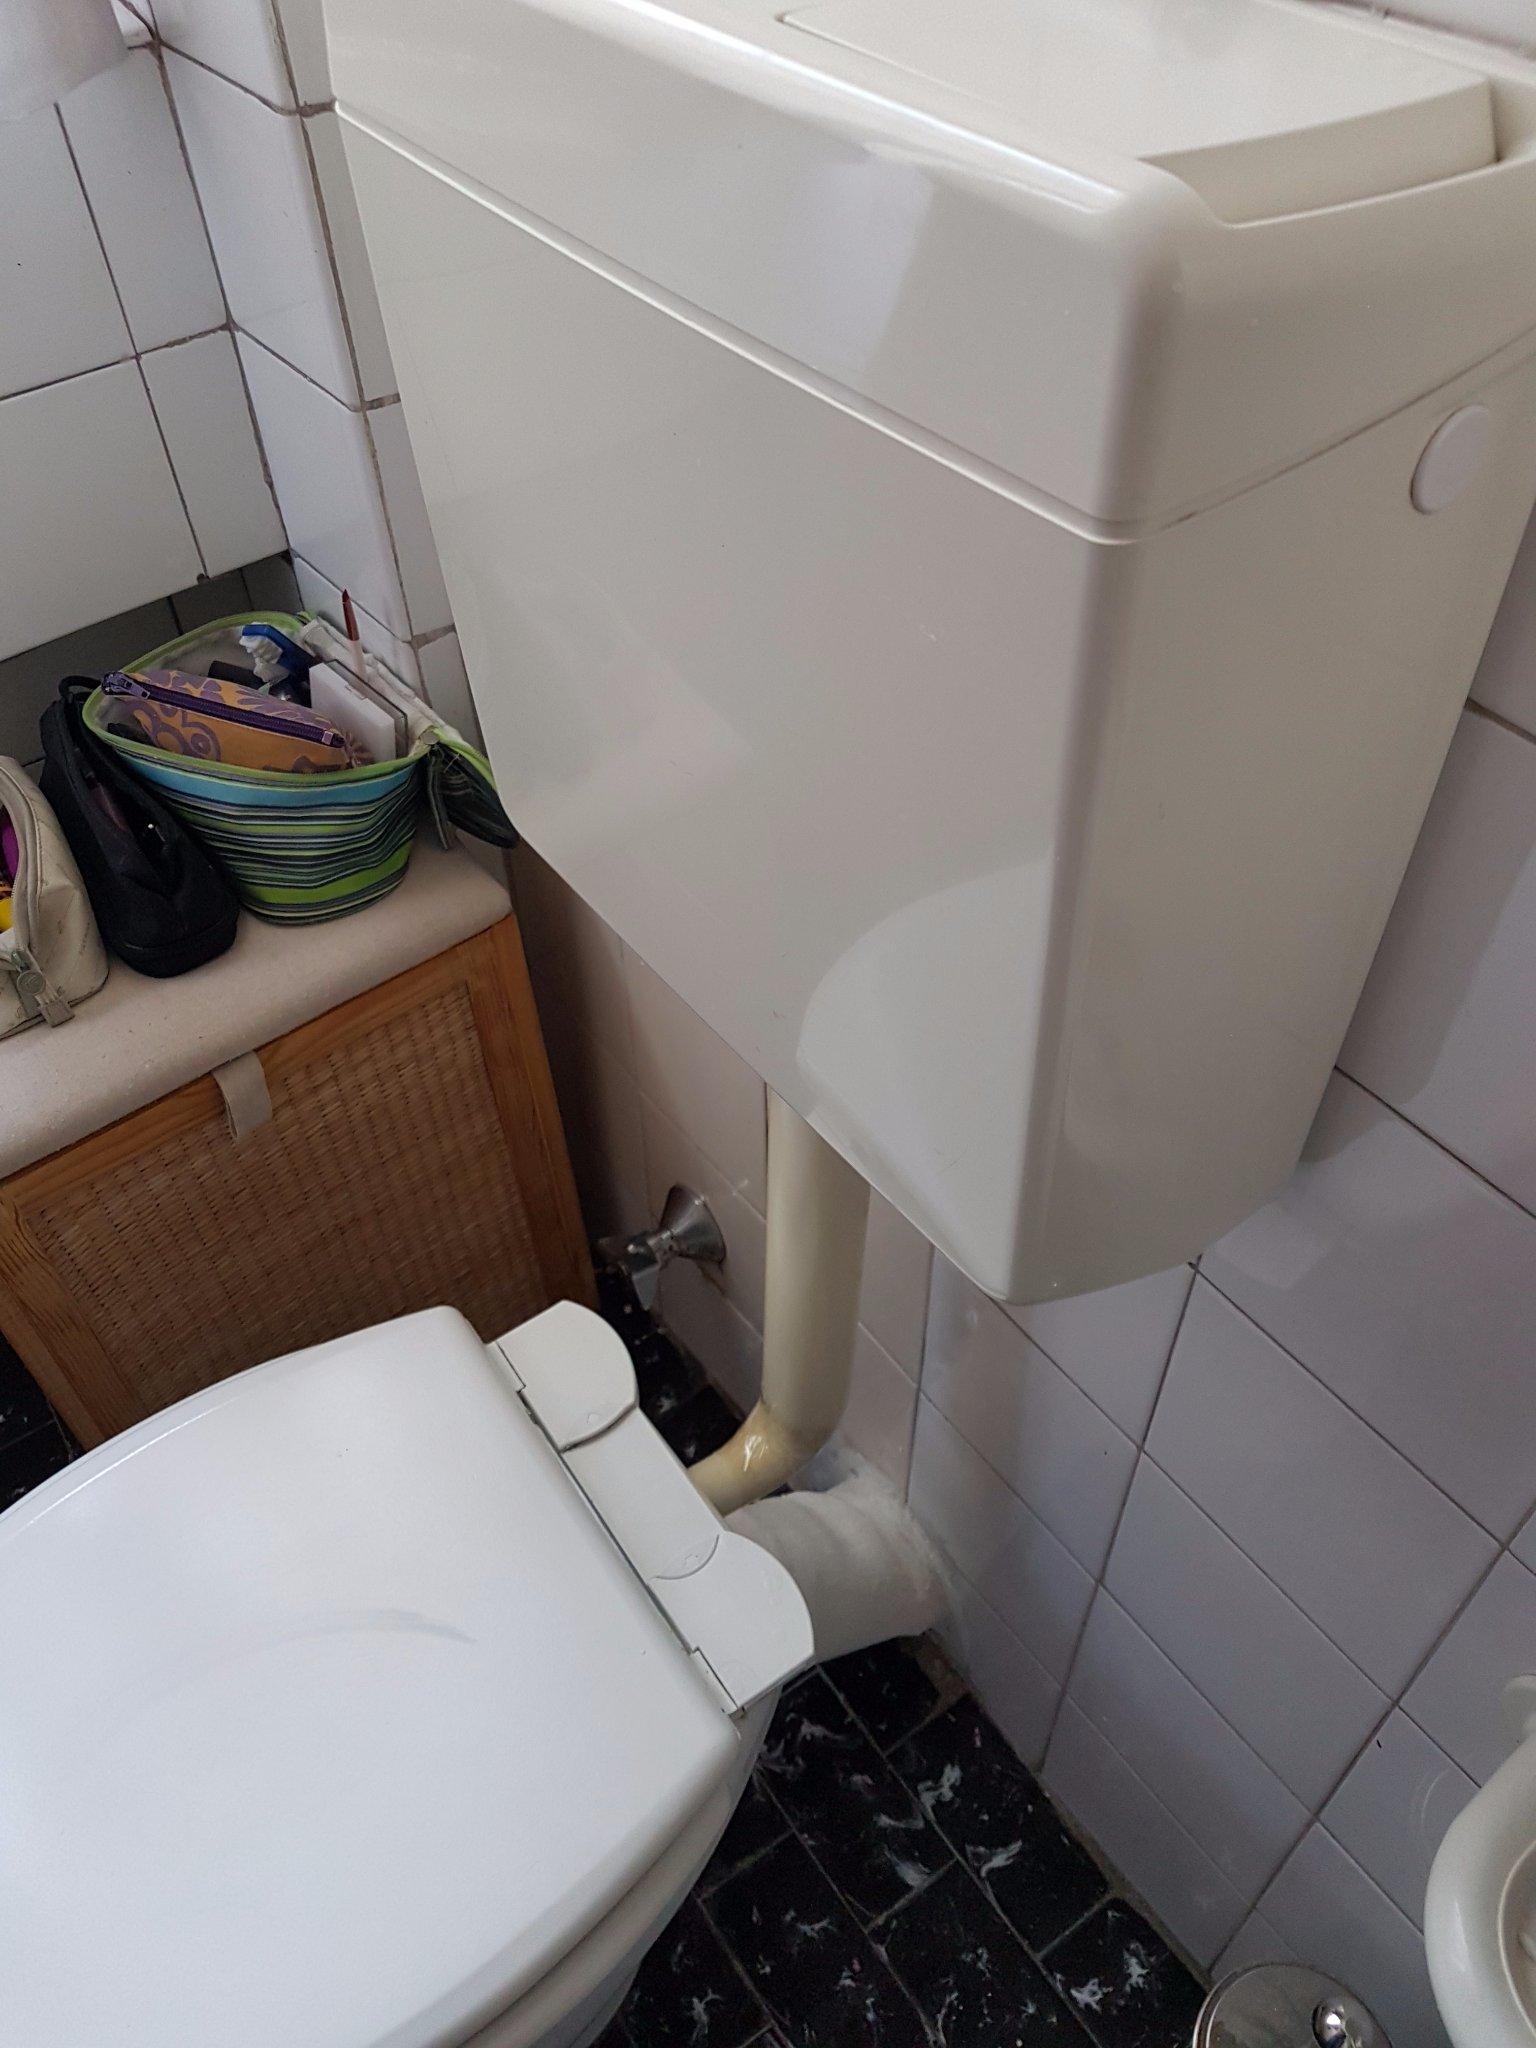 Sostituzione tubo di scarico wc e miscelatore rubinetto cucina instapro - Miscelatore cucina perde acqua ...